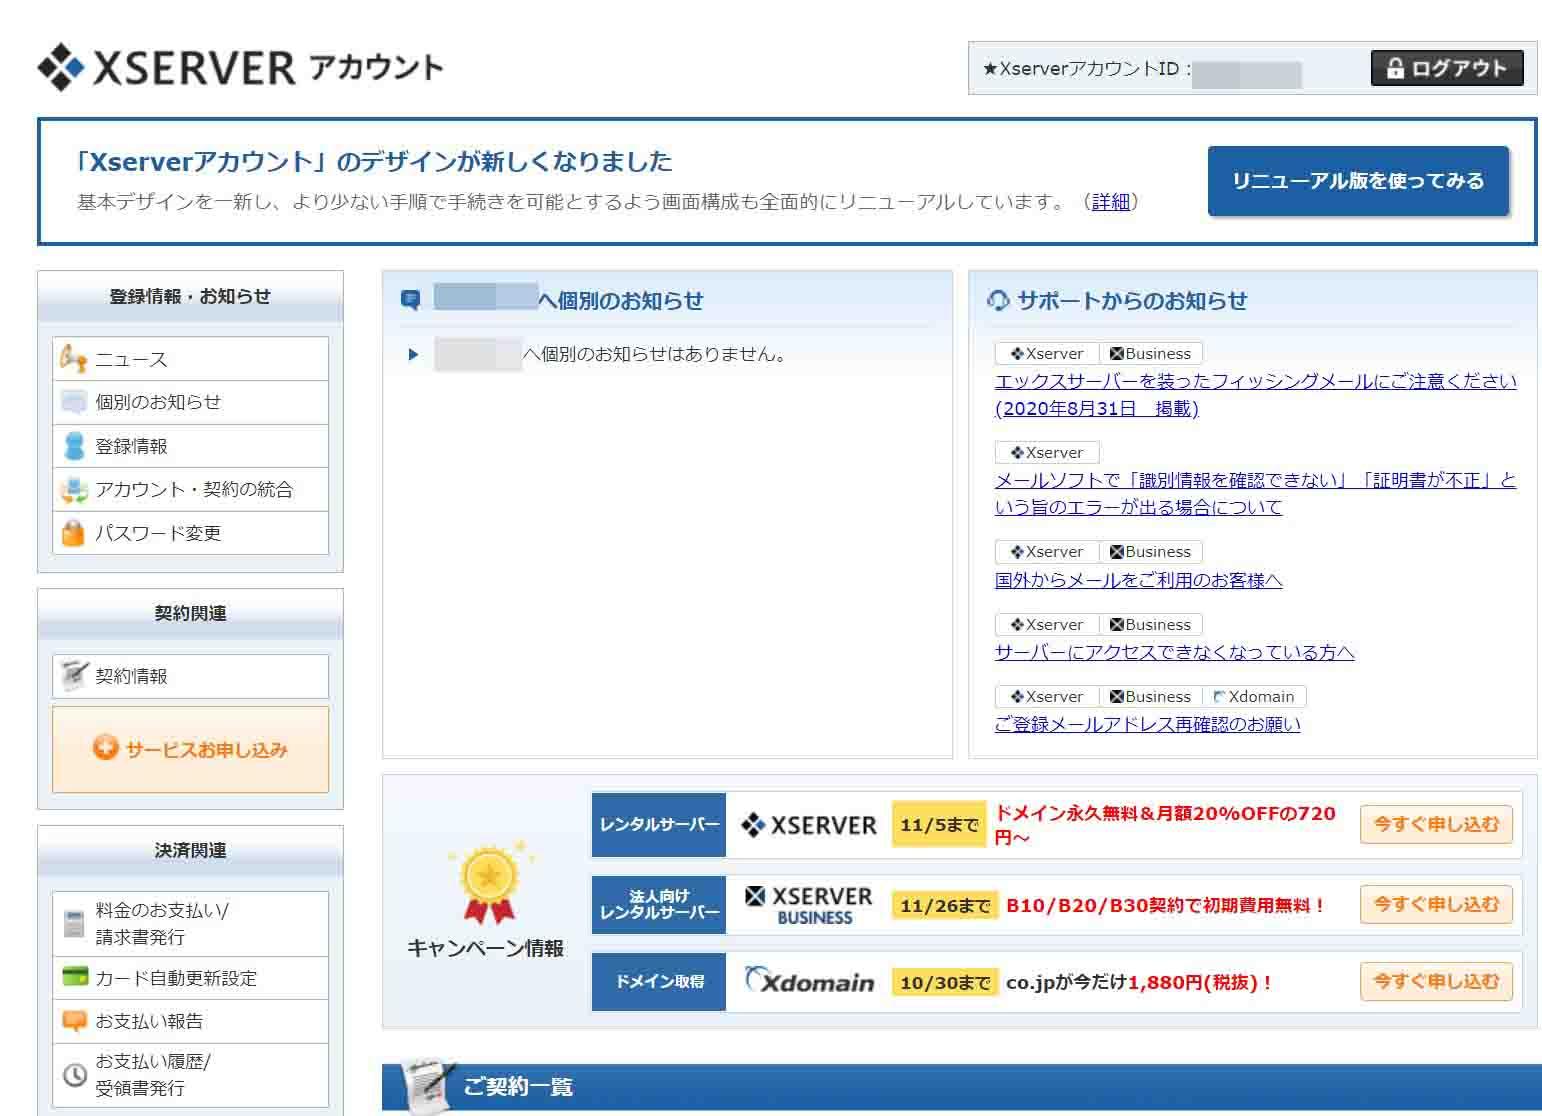 エックスサーバーのXserverアカウントへ二段階認証を用いてログインをする方法!